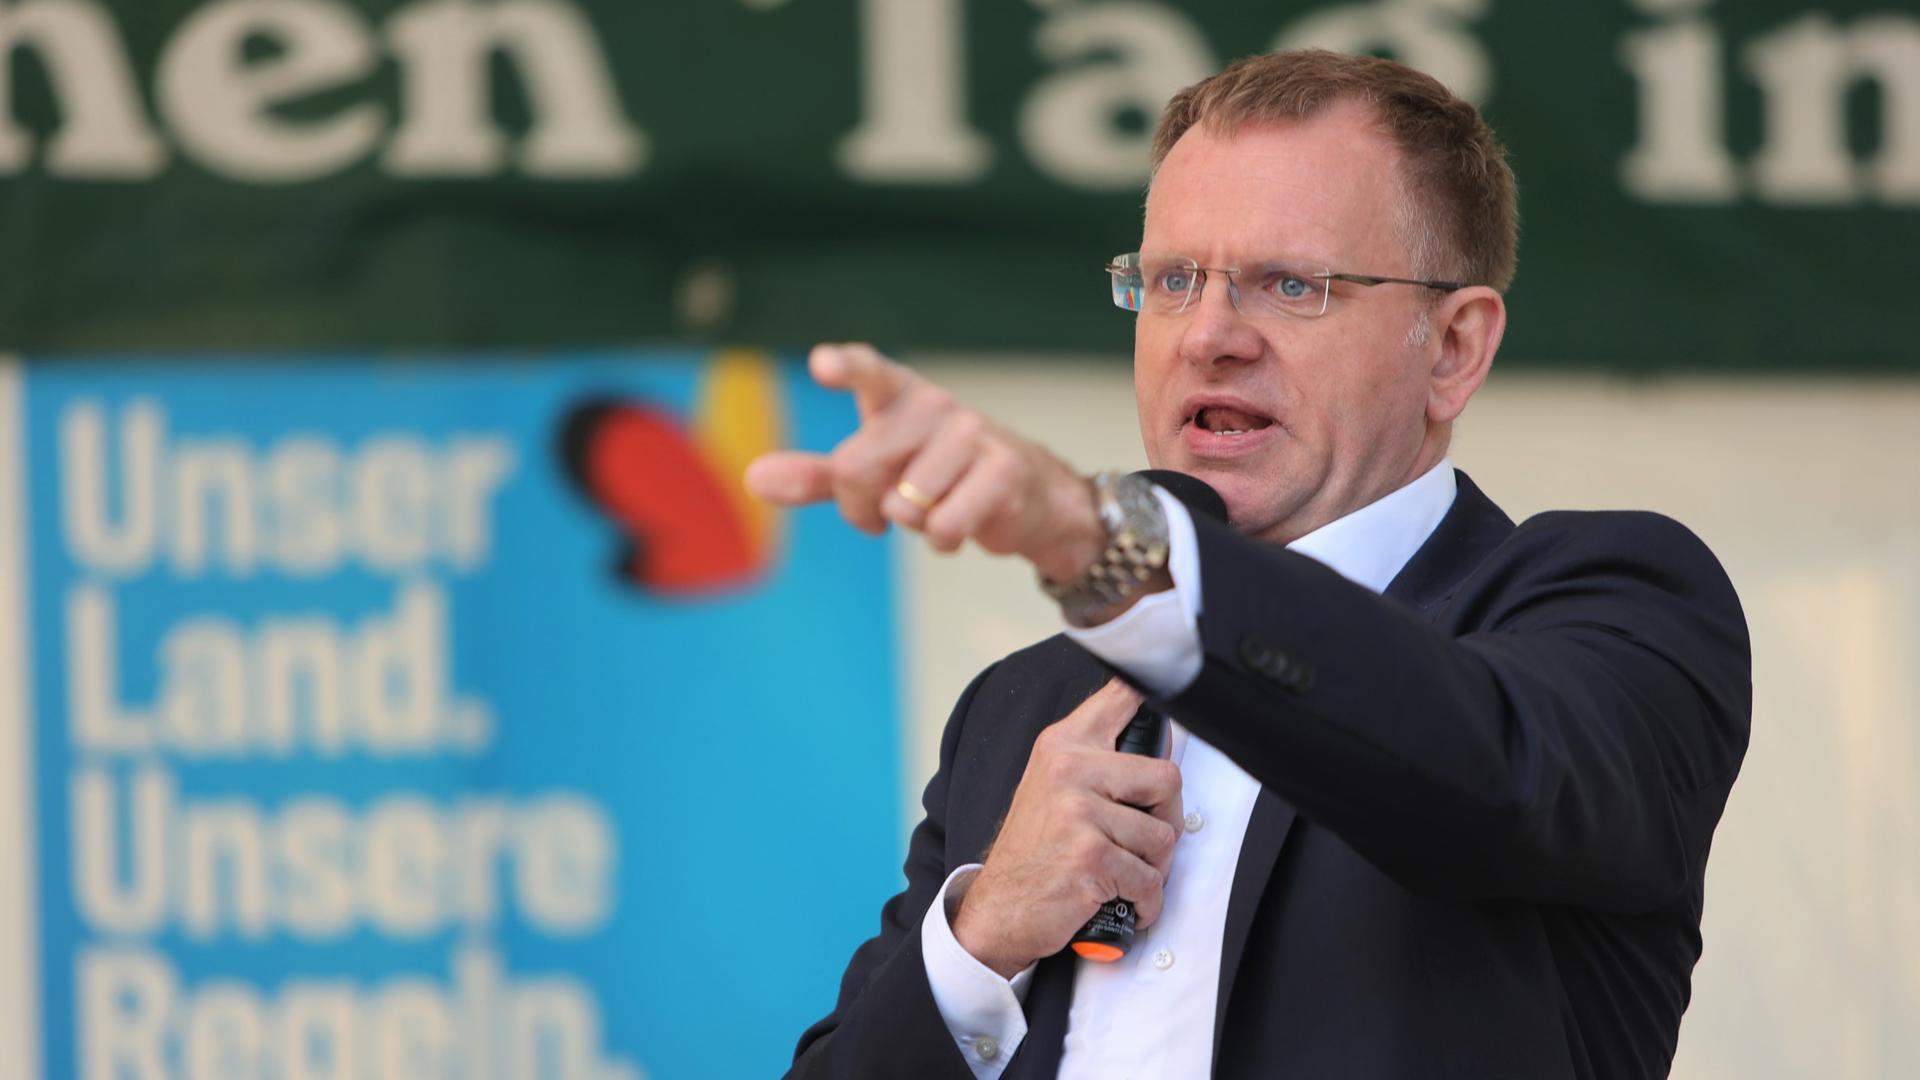 Harte Worte: AfD-Bundestagsabgeordneter Dirk Spaniel wettert am Mittwoch im Enzauenpark in Pforzheim gegen die Corona-Politik der Regierung.